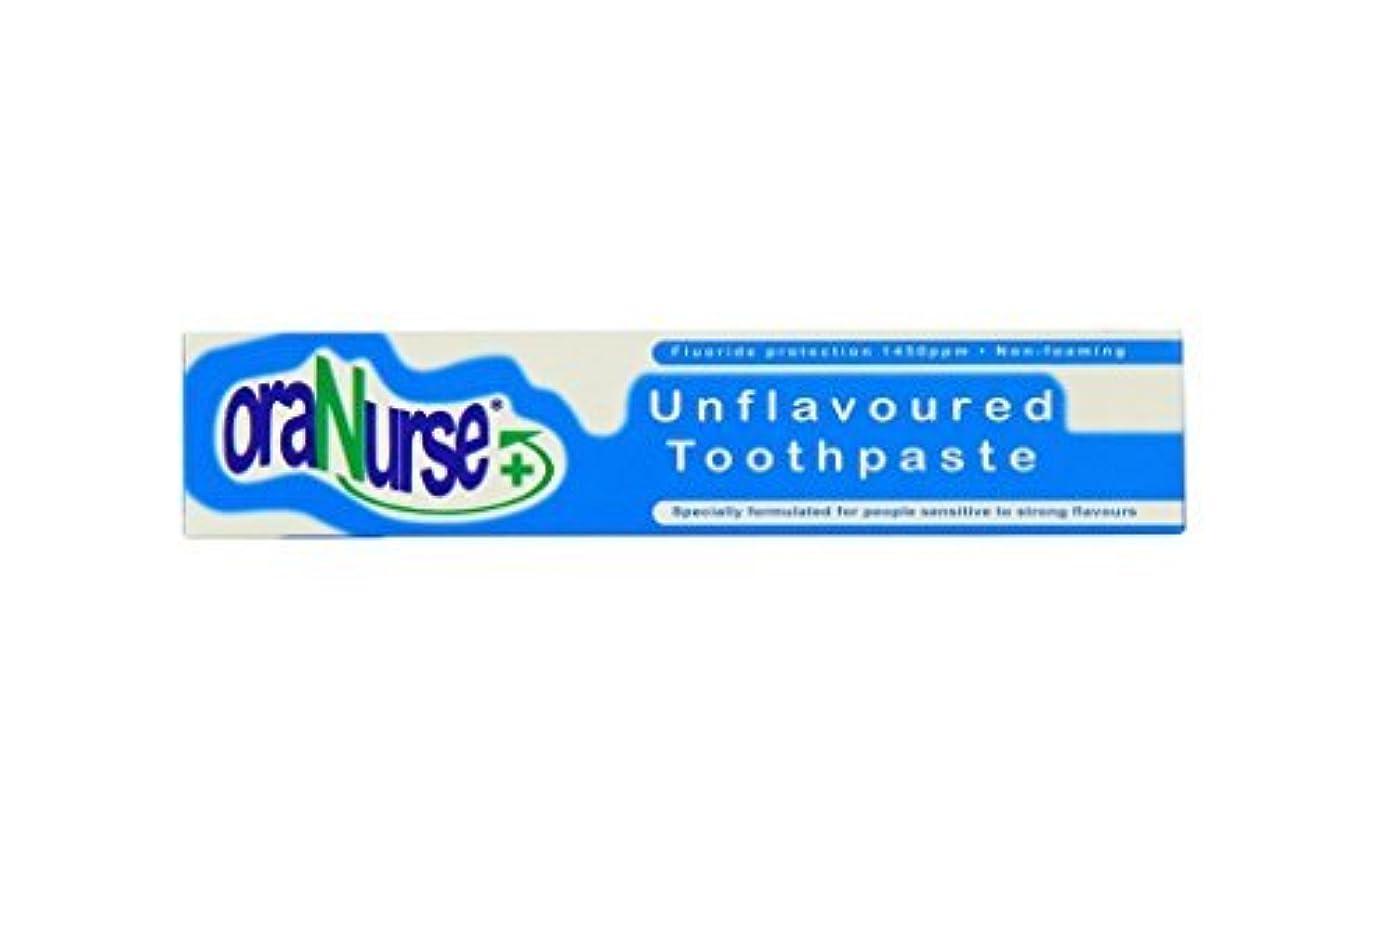 チューブ妊娠した確かめるOranurse Toothpaste 50ml Unflavoured 1450ppm Fluoride by Oranurse